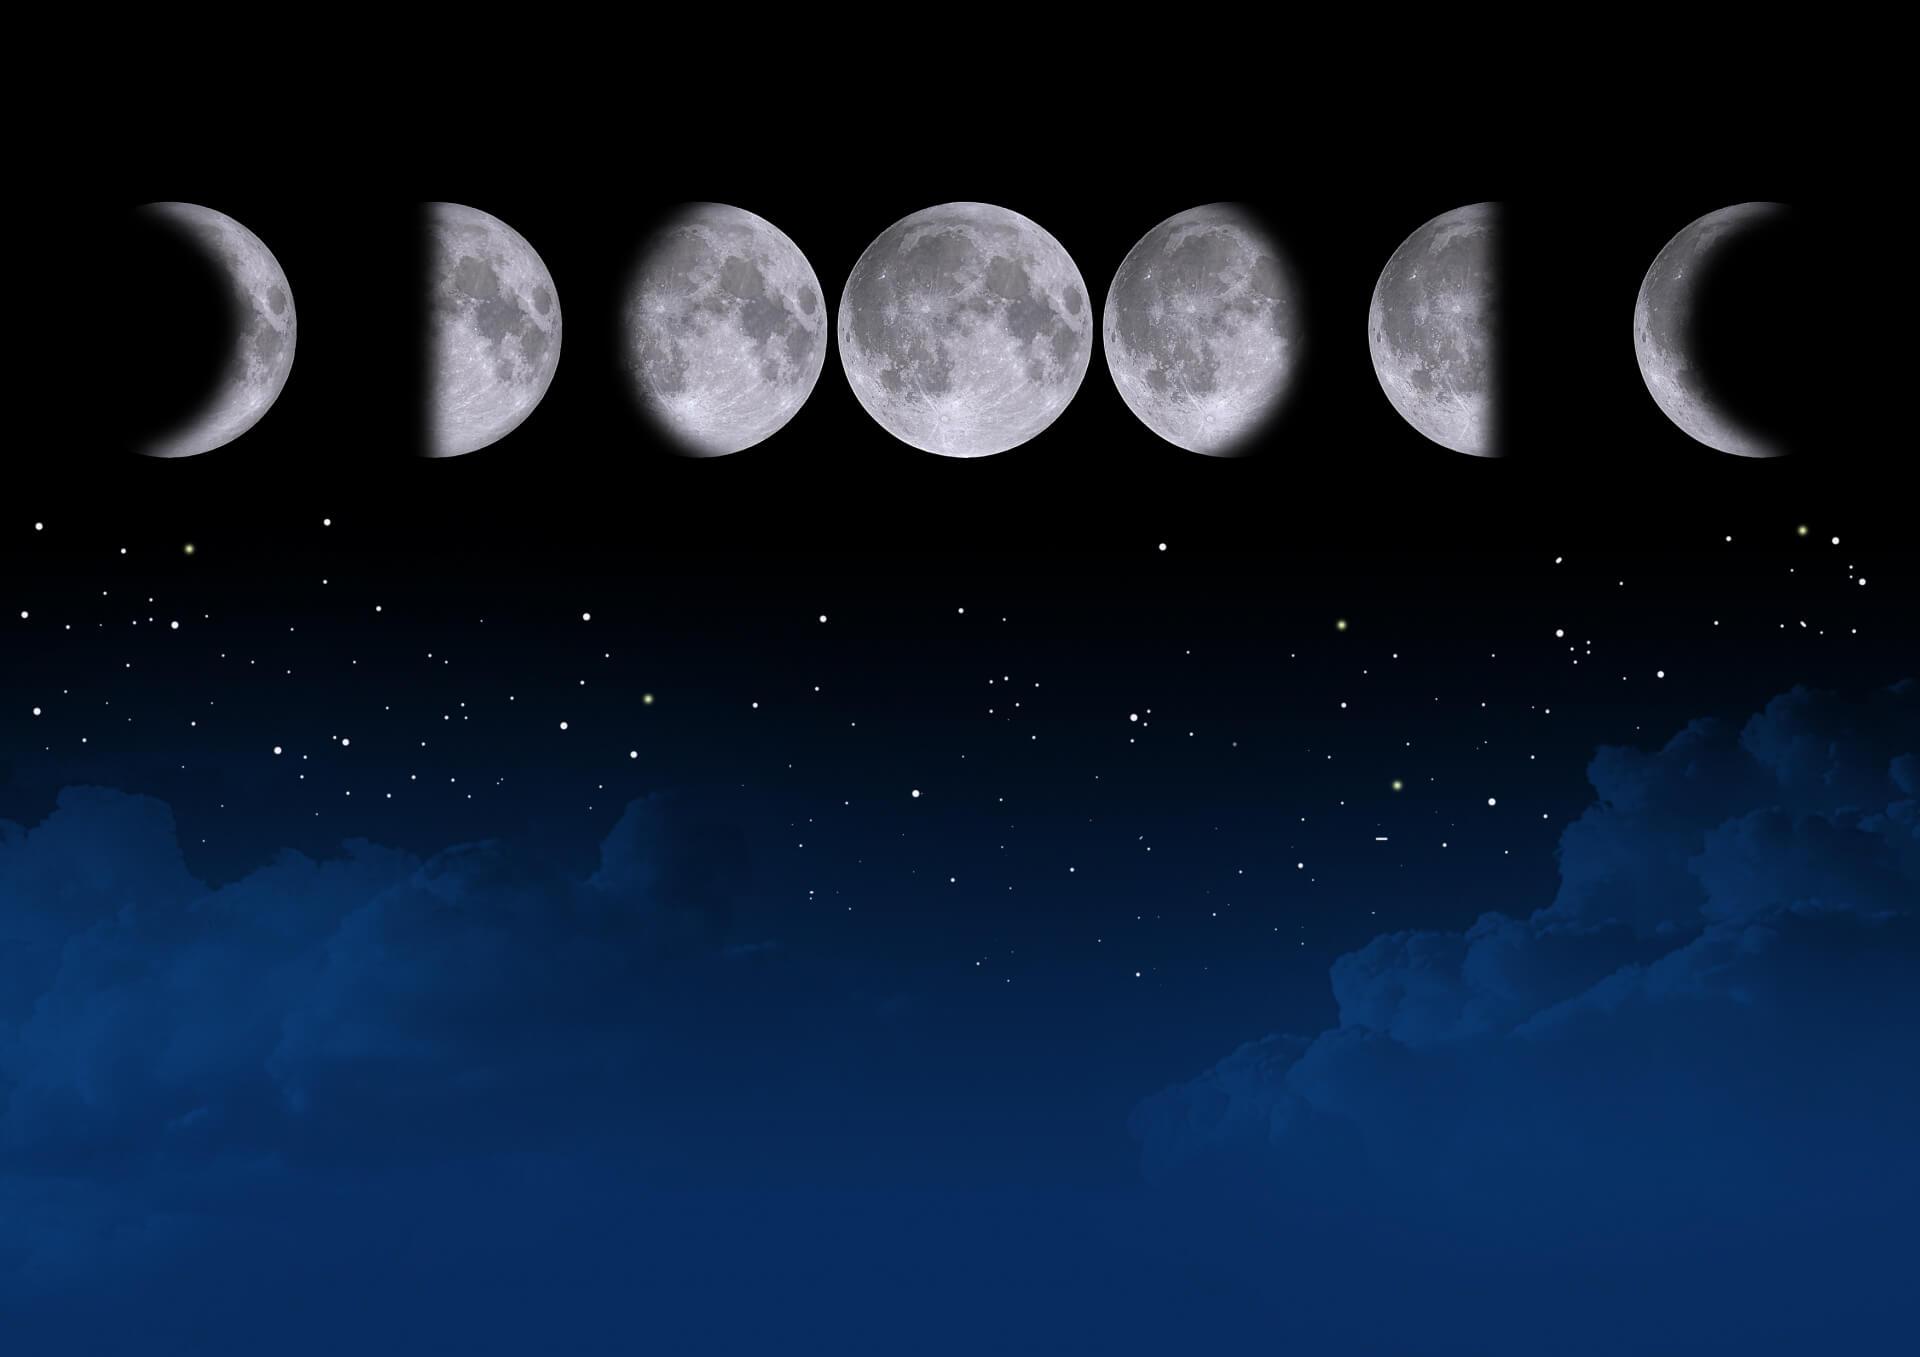 今日 の お 月 様